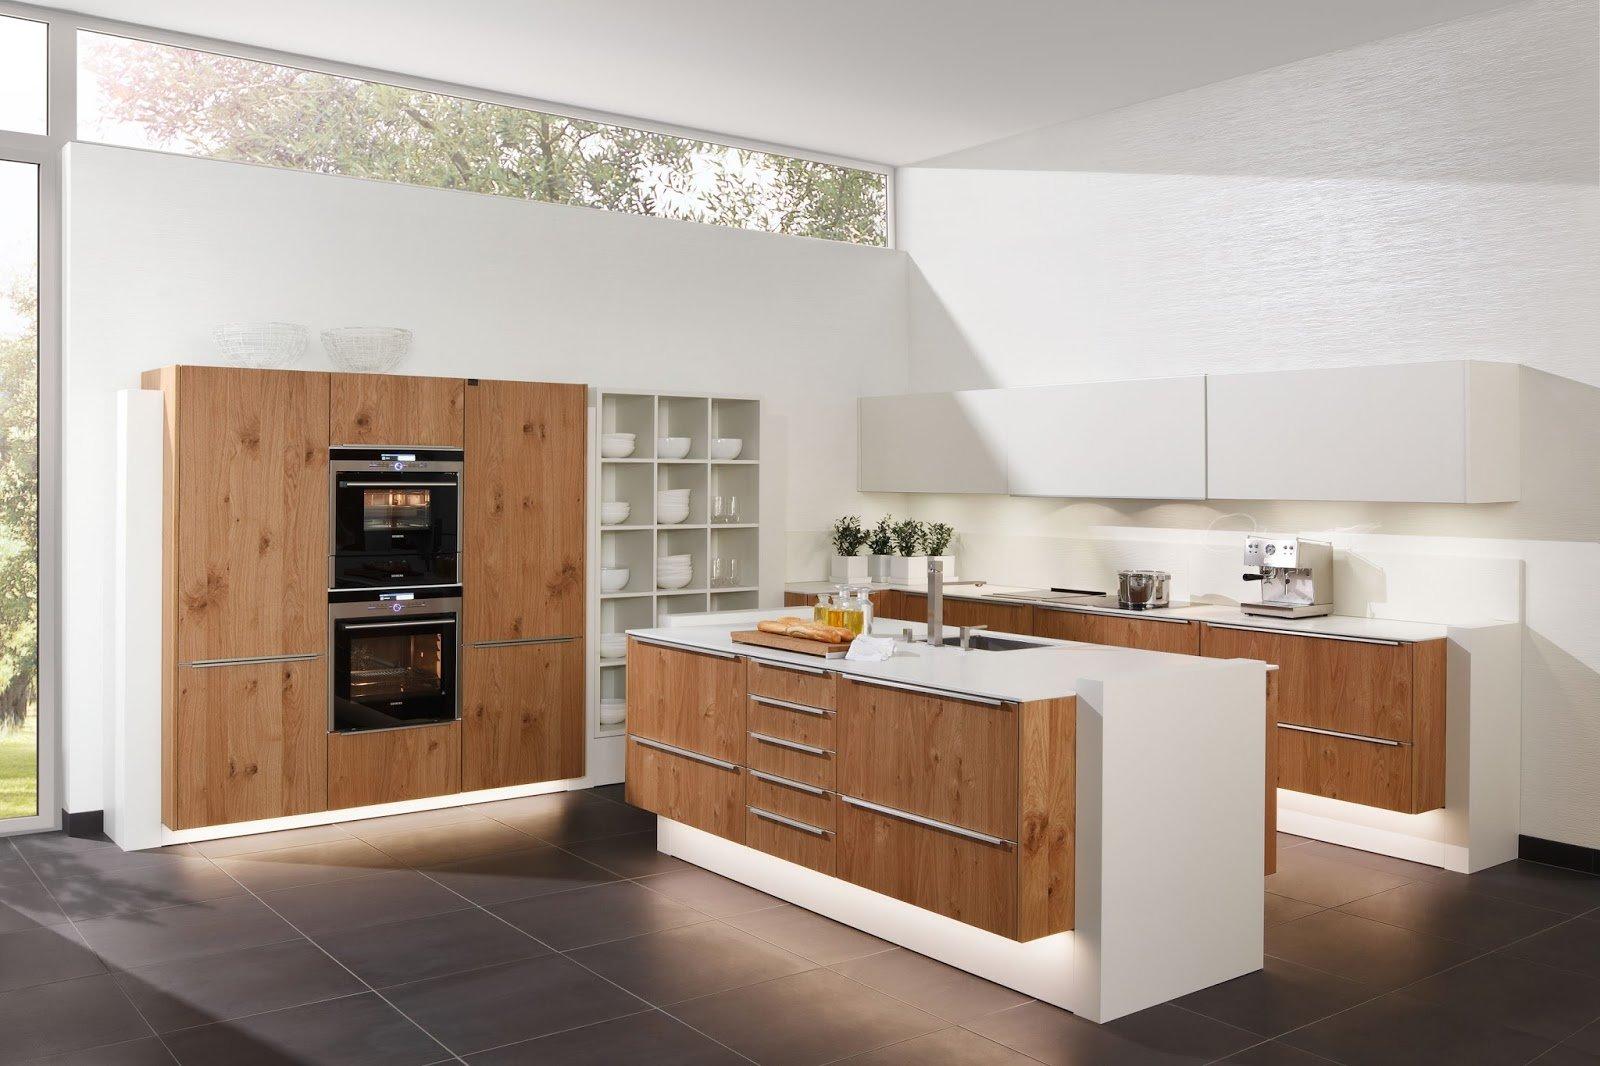 Как правильно обустроить и оформить рабочую зону кухни?